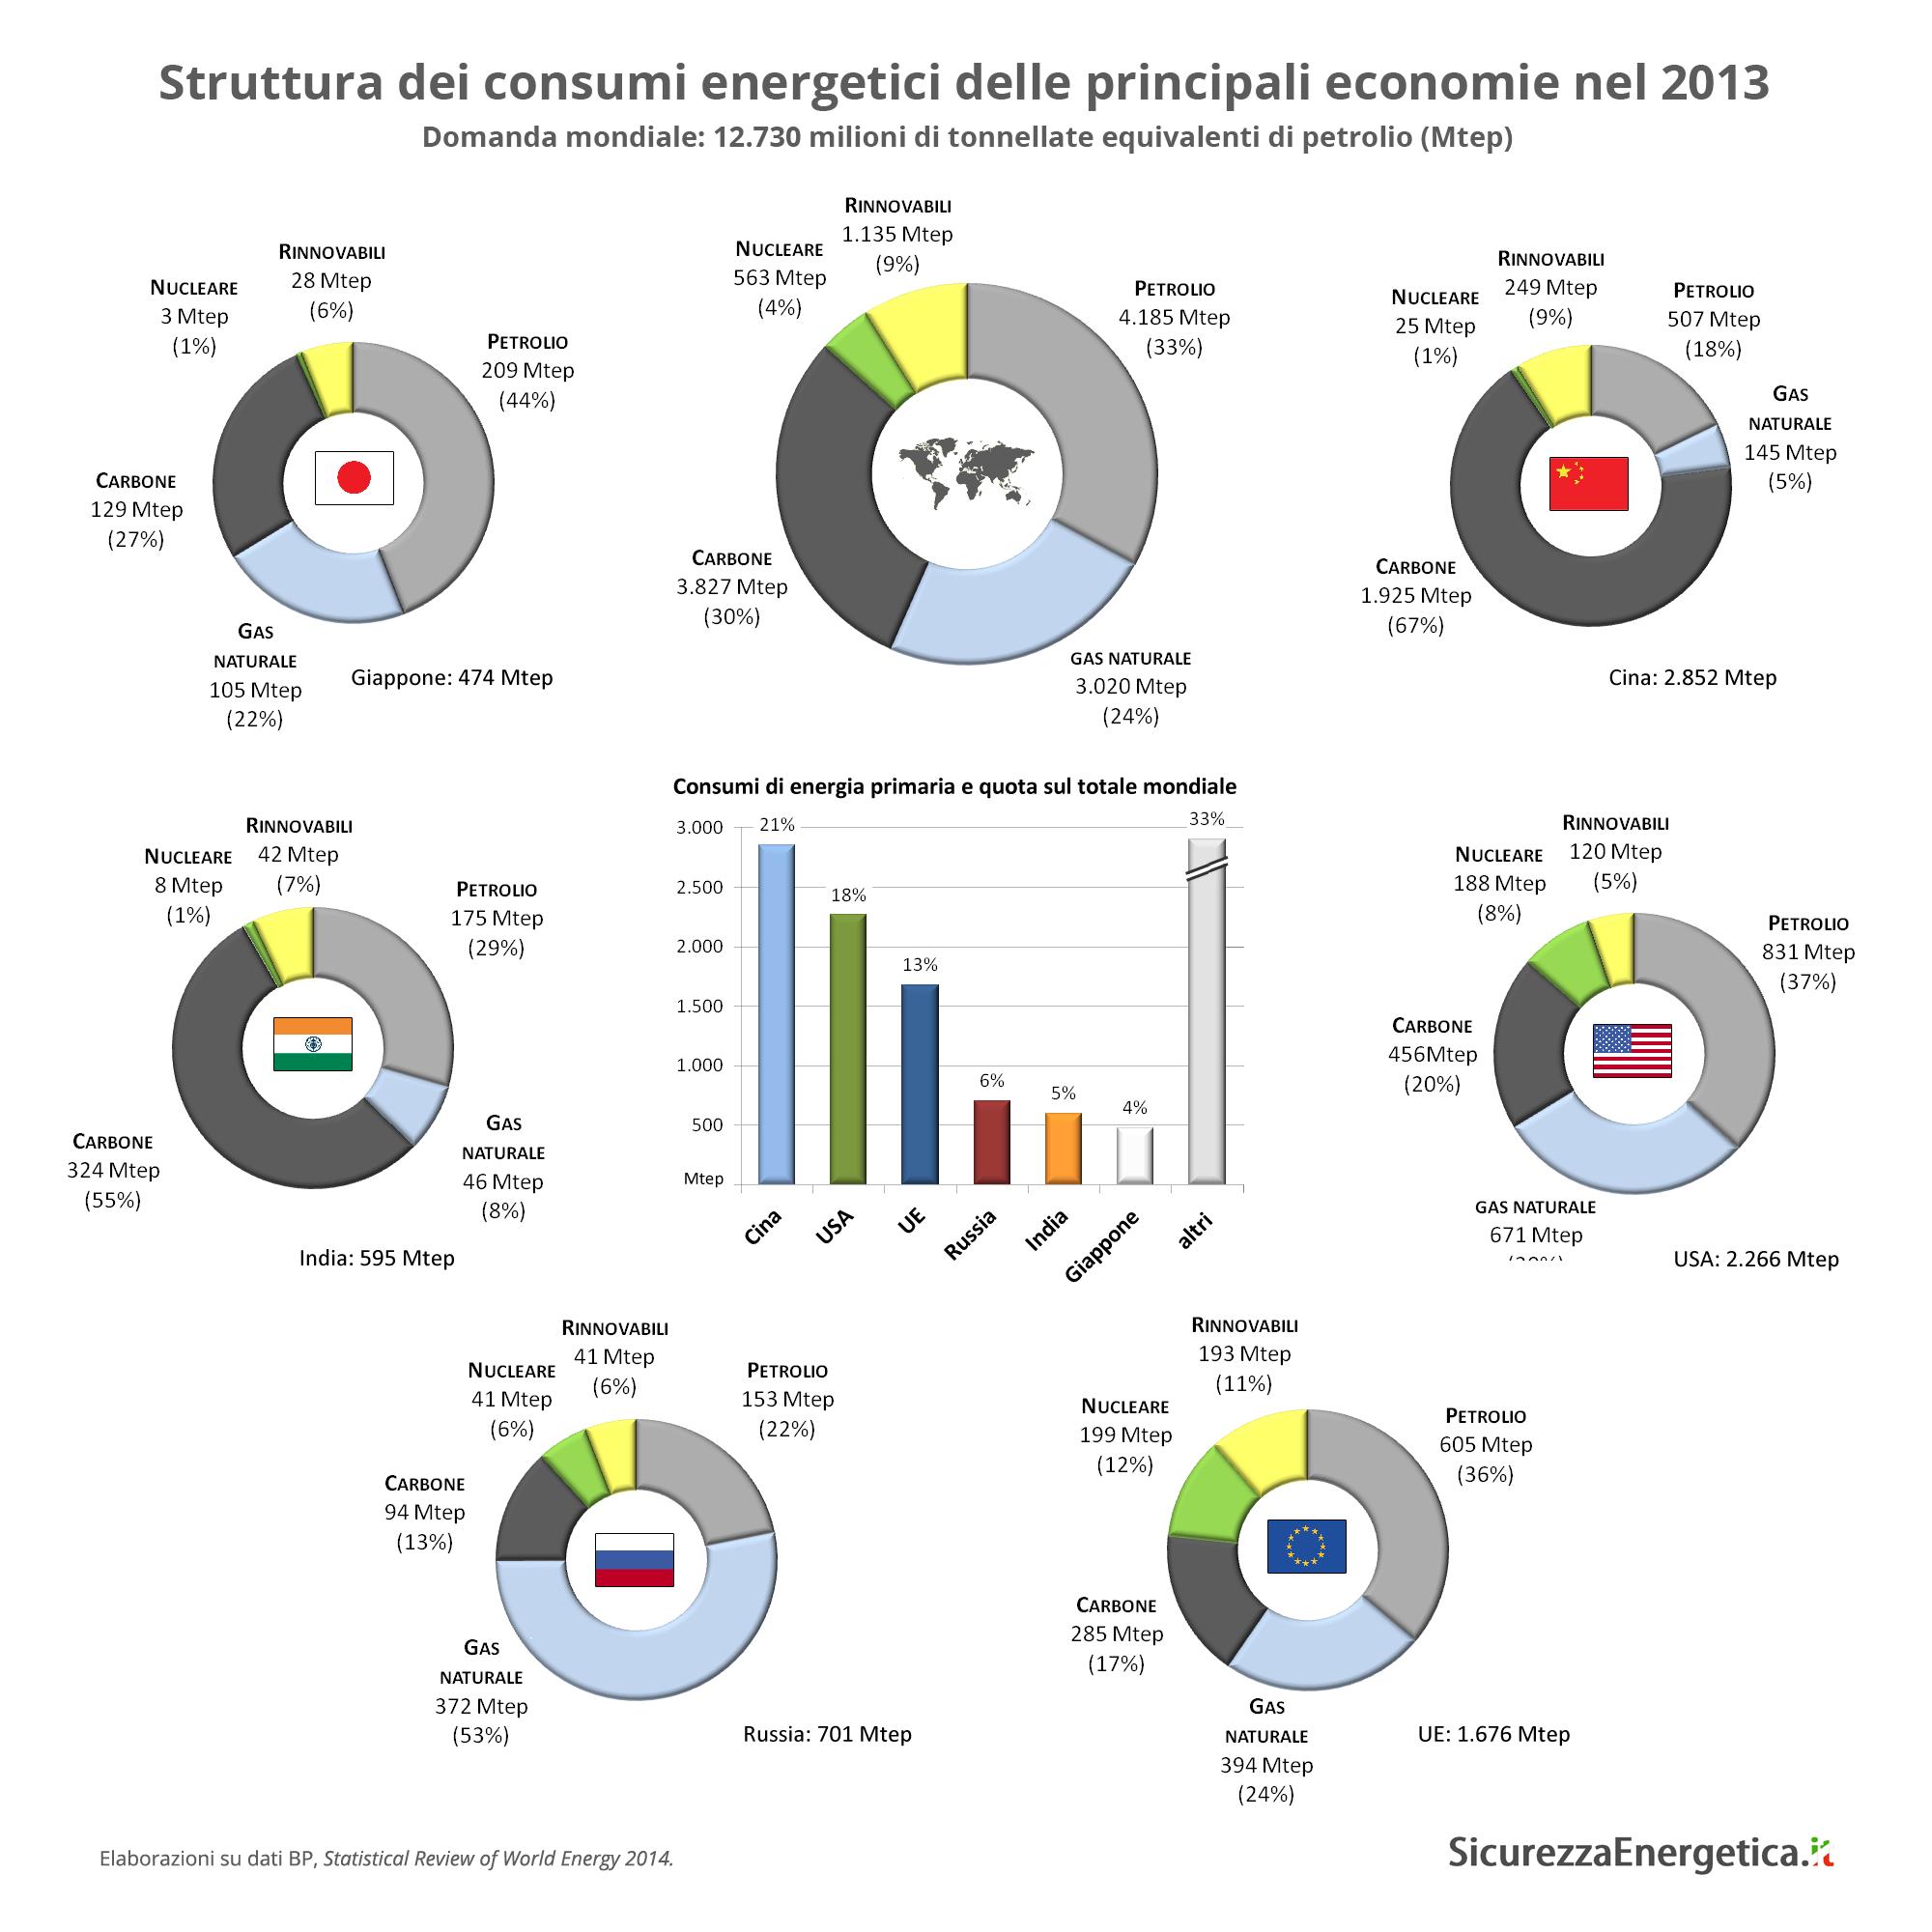 Struttura dei consumi energetici delle principali economie nel 2012